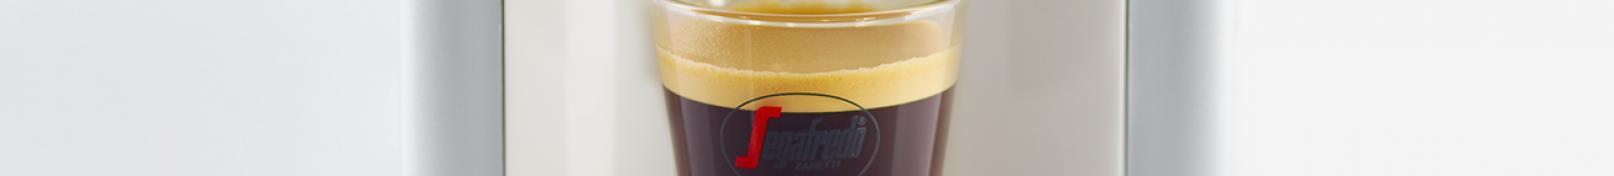 Retrouvez le goût de « l'espresso » avec une machine expresso Segafredo